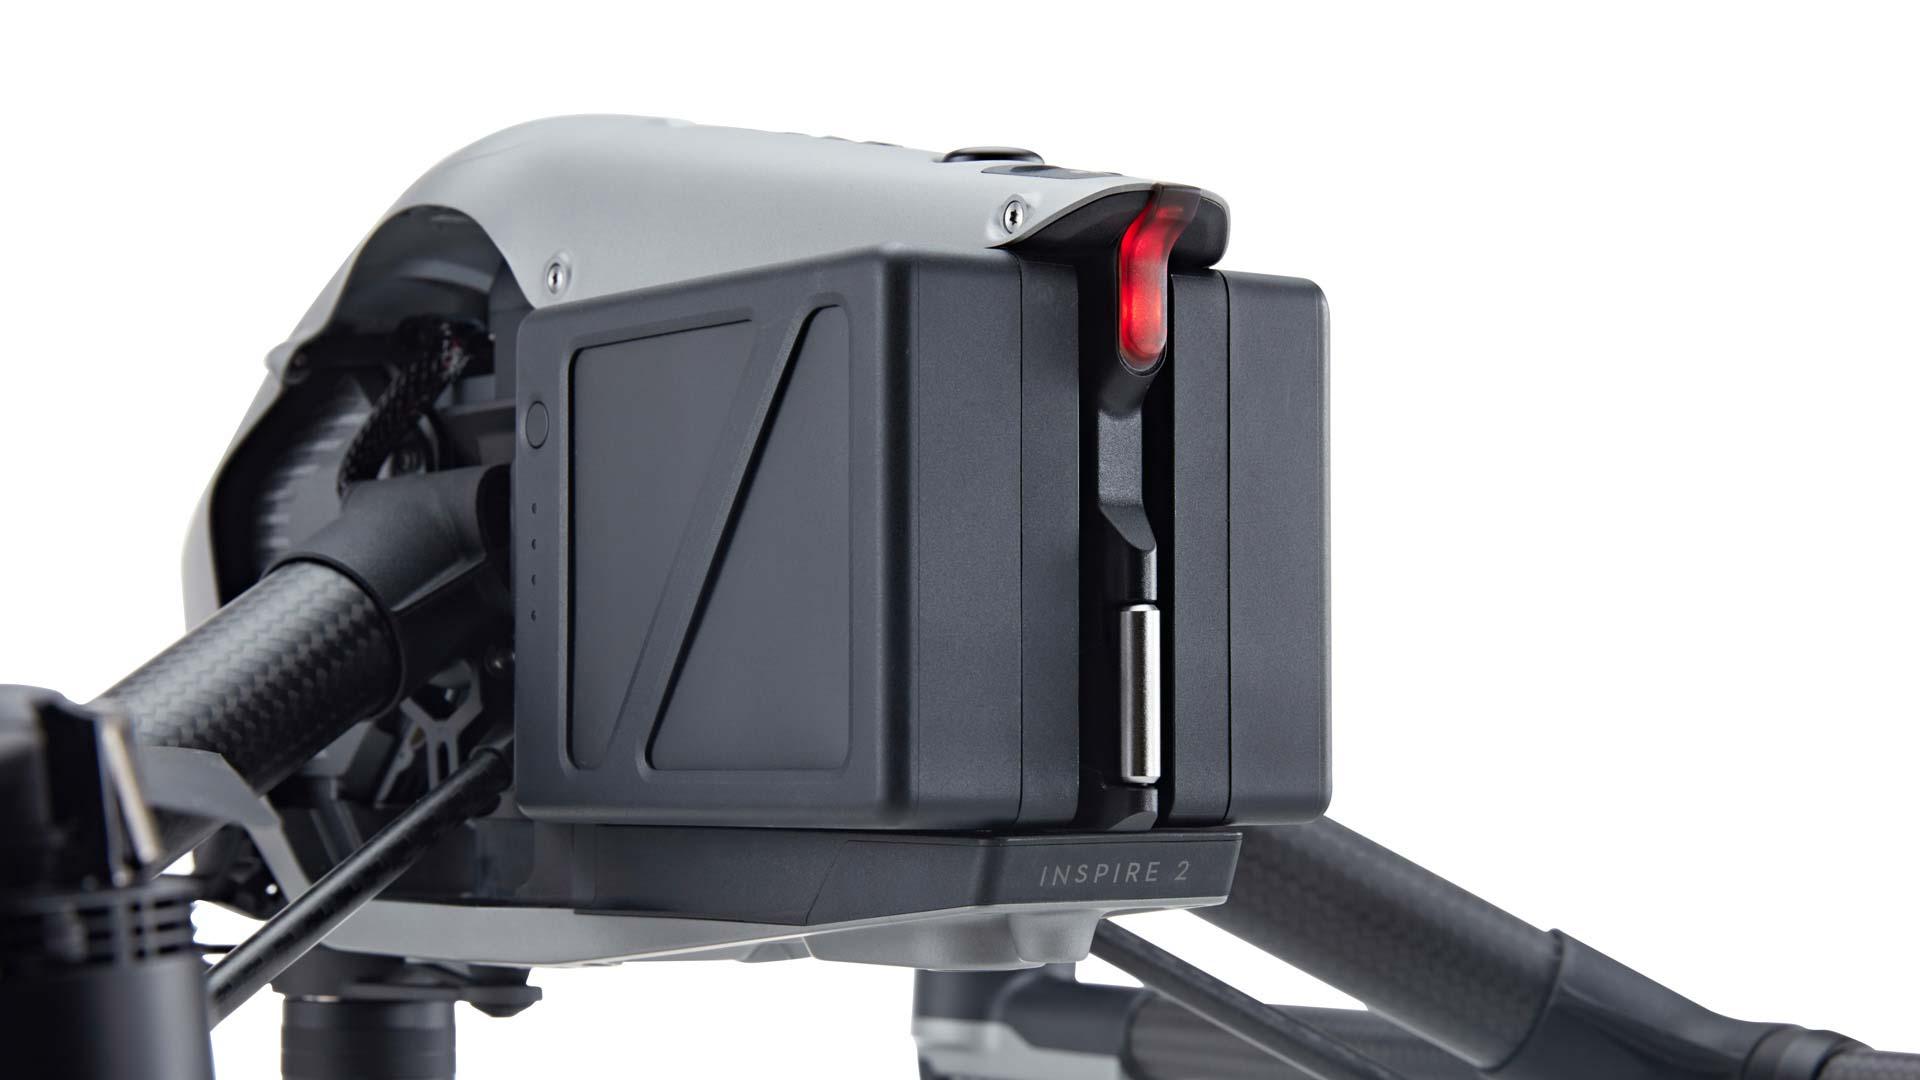 Batterie de drone pour photos et videos aériennes